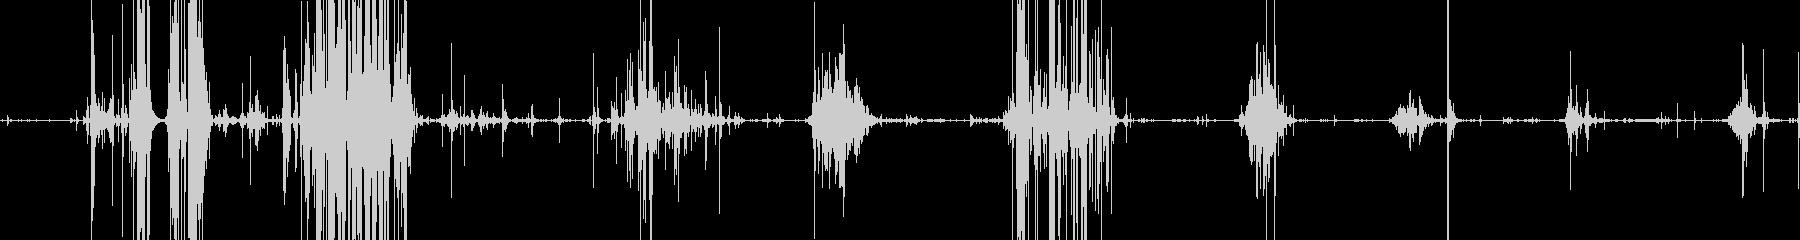 固いスナックを食べるバリバリという音の未再生の波形